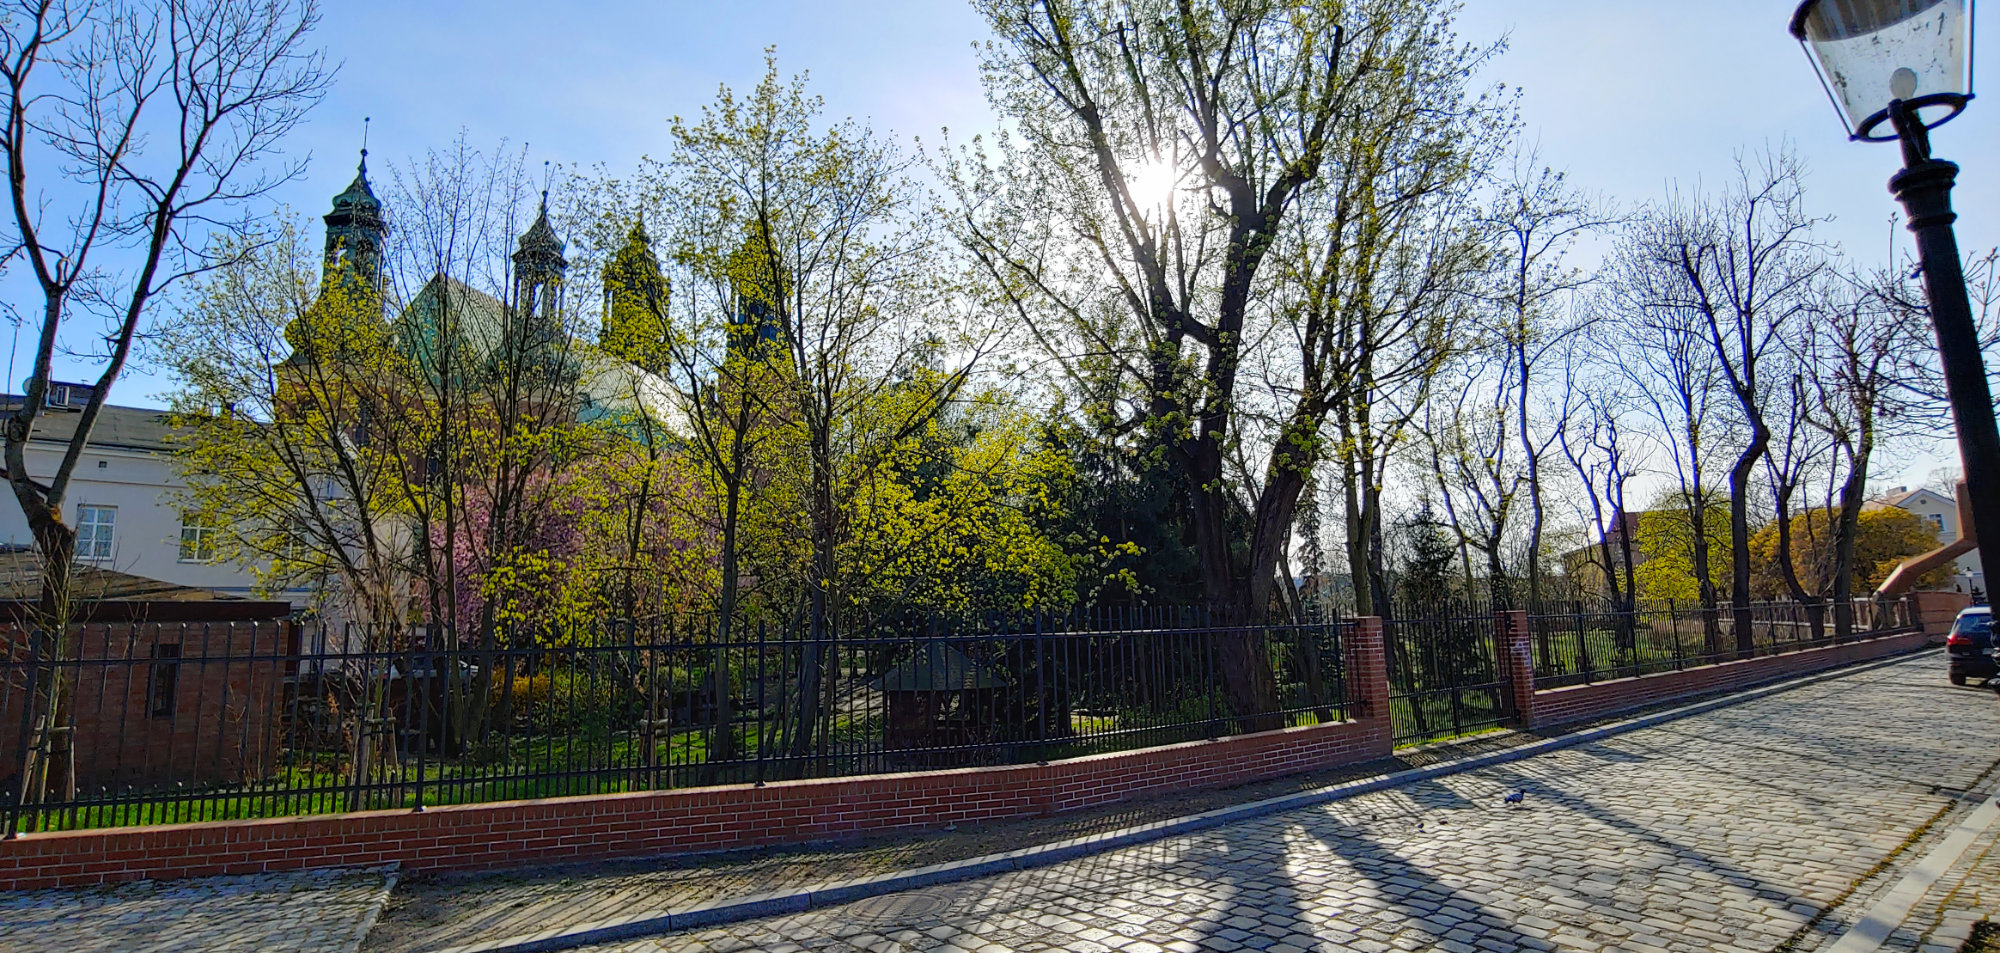 Uliczka za katedrą - Ostrów Tumski